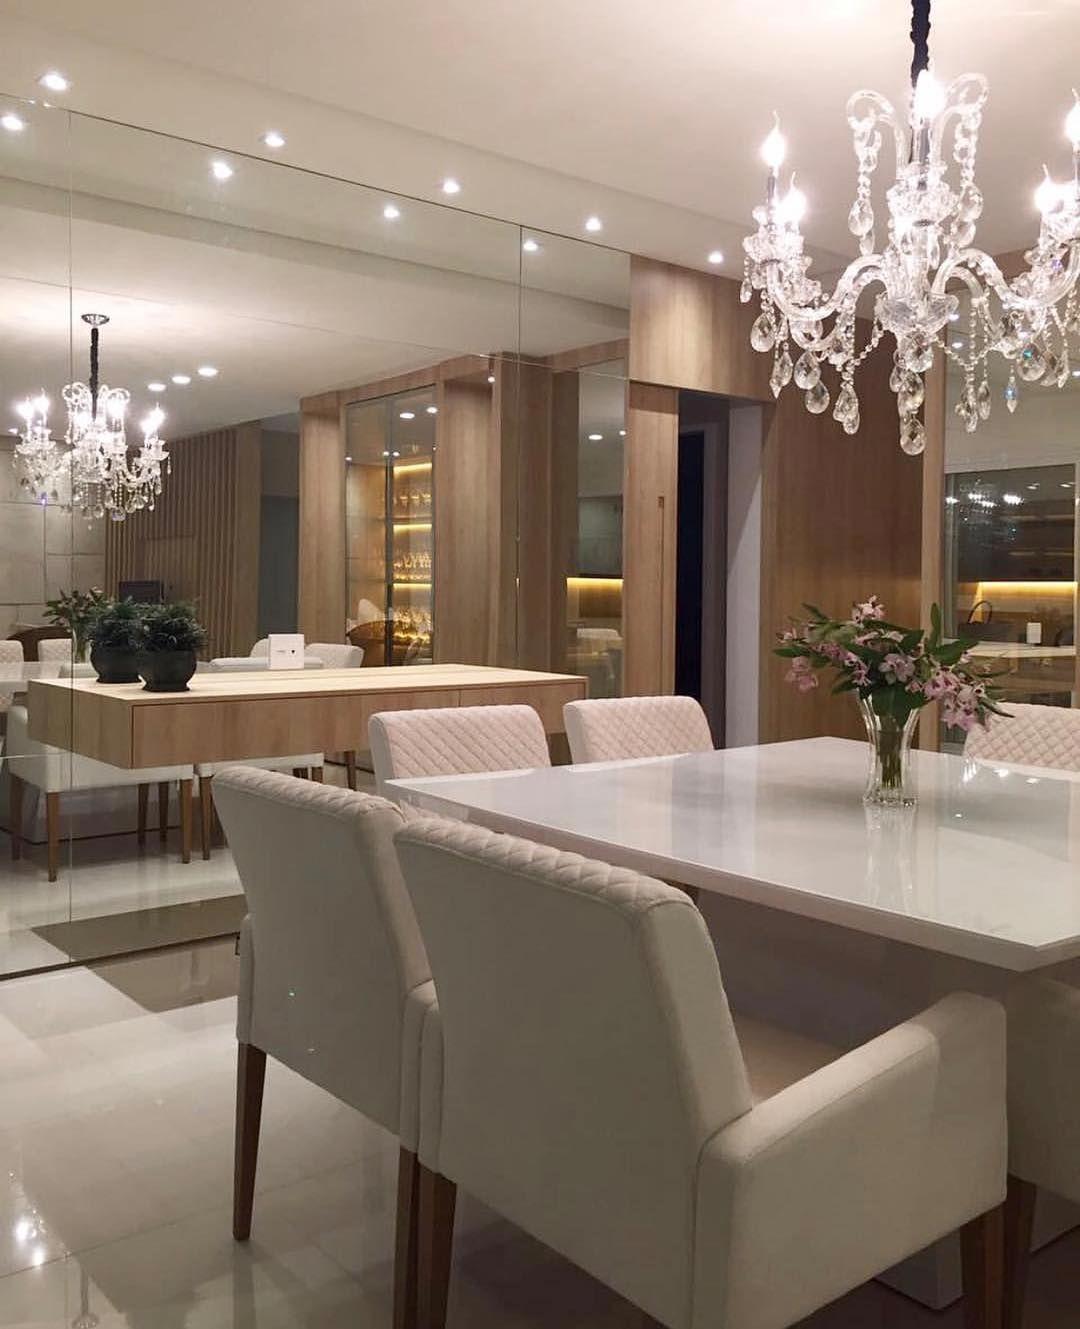 Artesanato Indiano Em Madeira ~ Sala de jantar belíssima Destaque para a alvenaria revestida em espelho e aparador suspenso